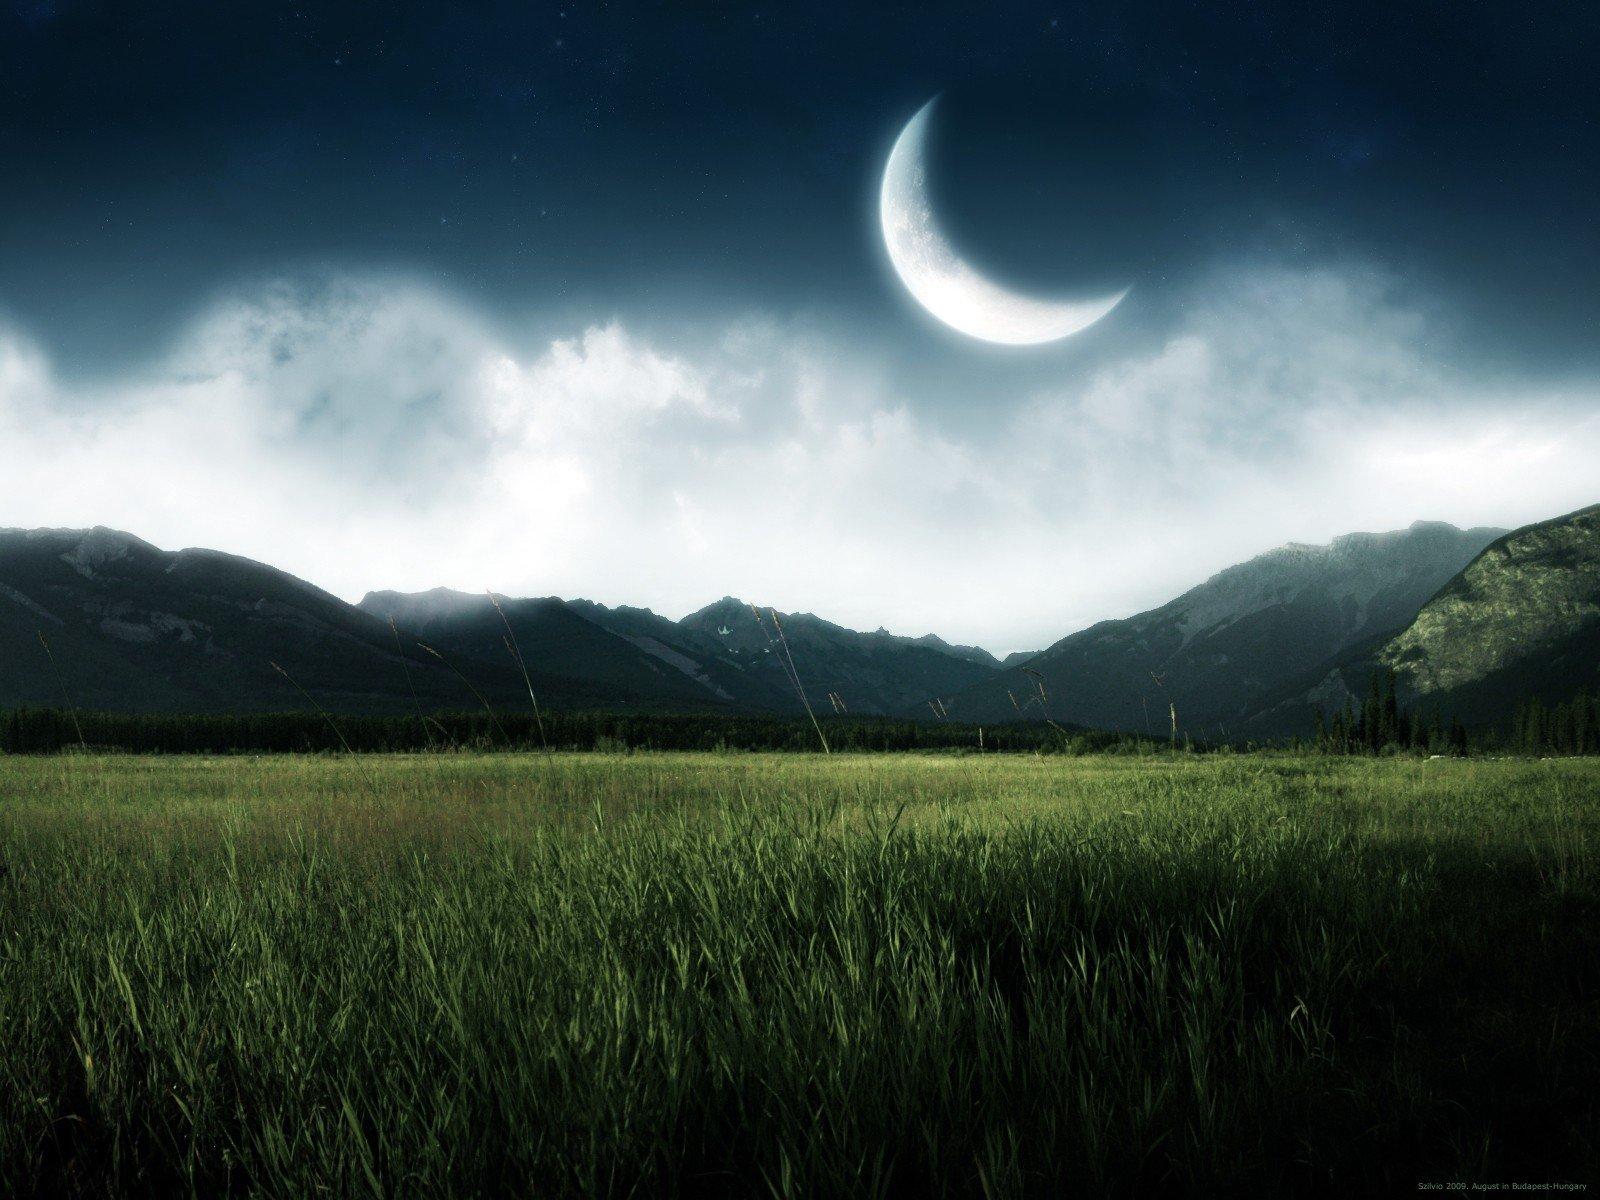 Раньше Канобу по ночам был живее, заявляю со всей ответственностью, как часто засиживающийся по ночам. - Изображение 1